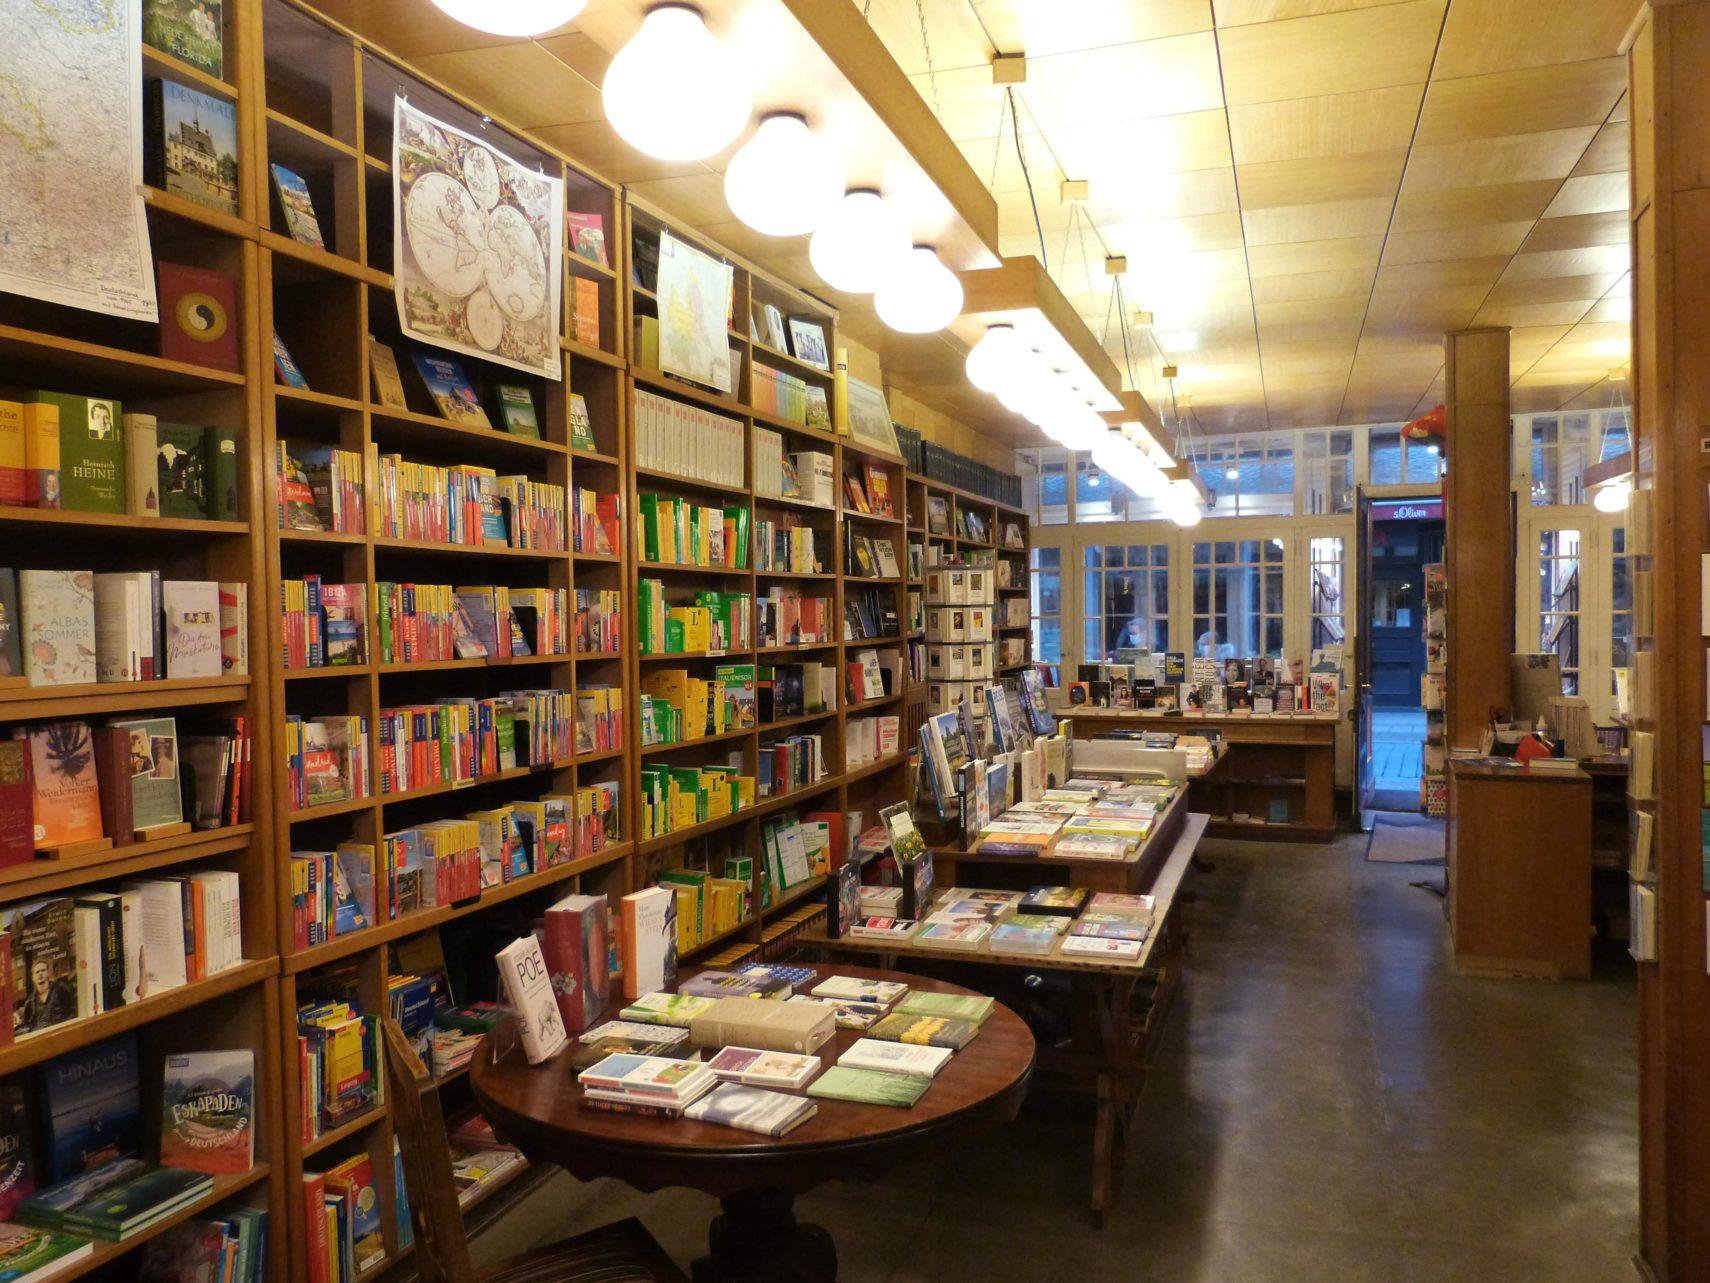 Buchhandlung Juettners Wernigerode Innenraum (4)